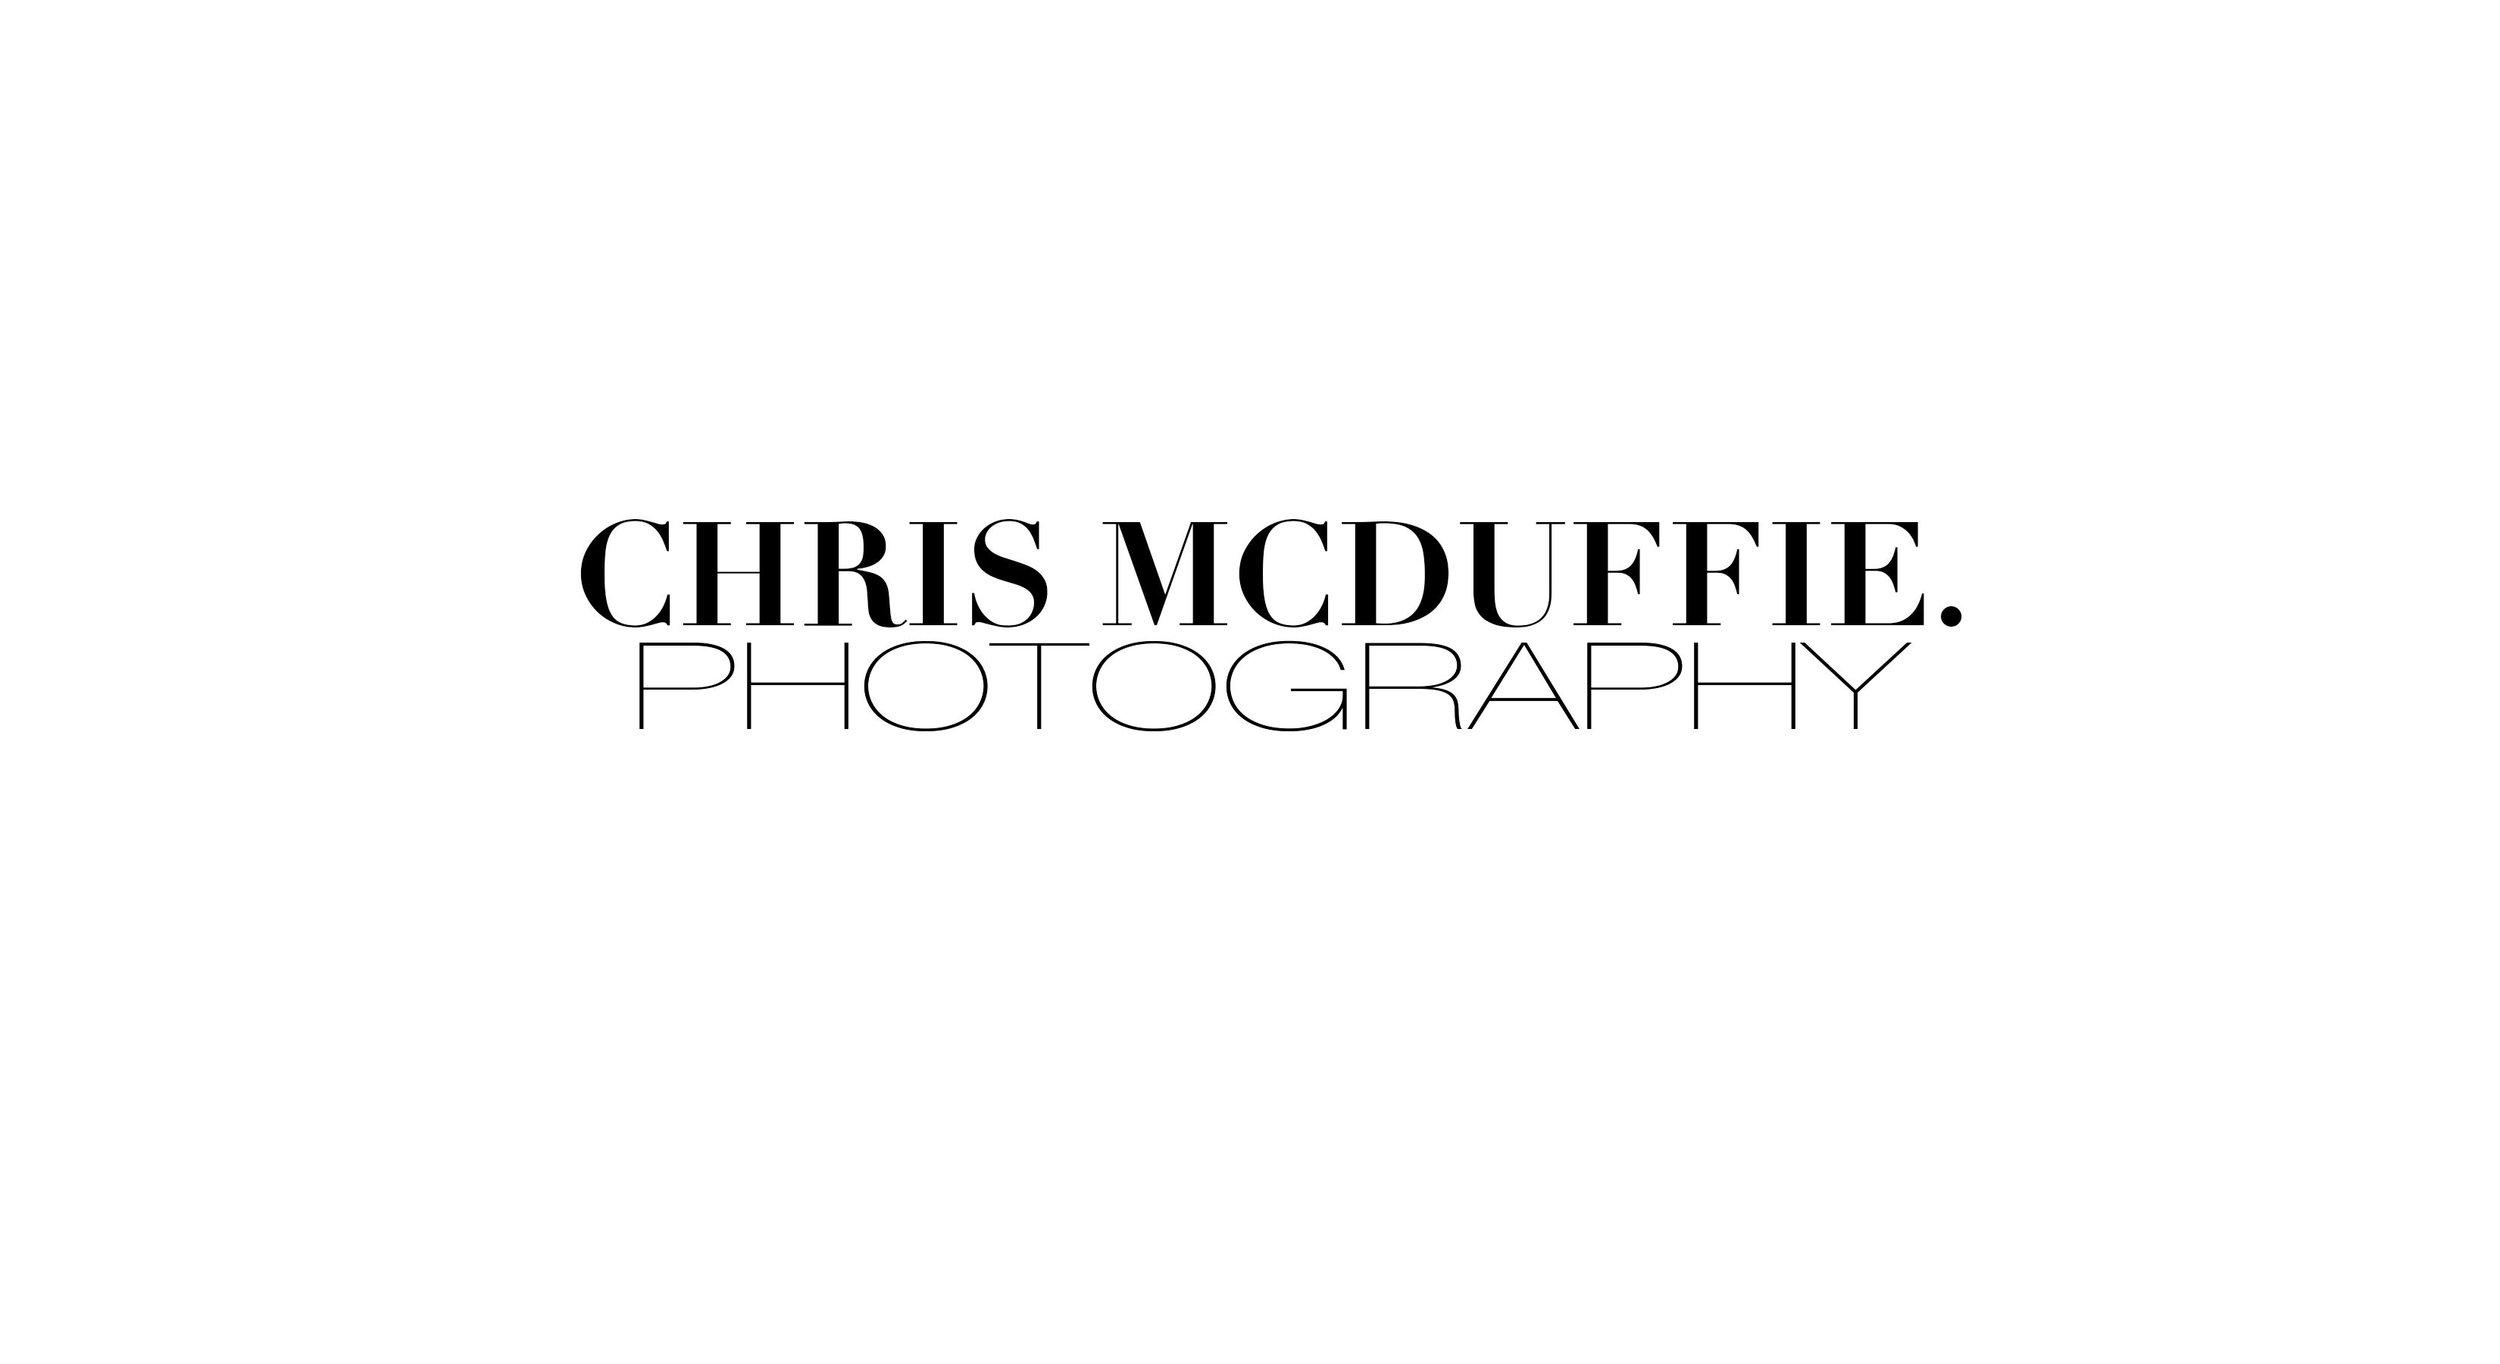 Chris McDuffie